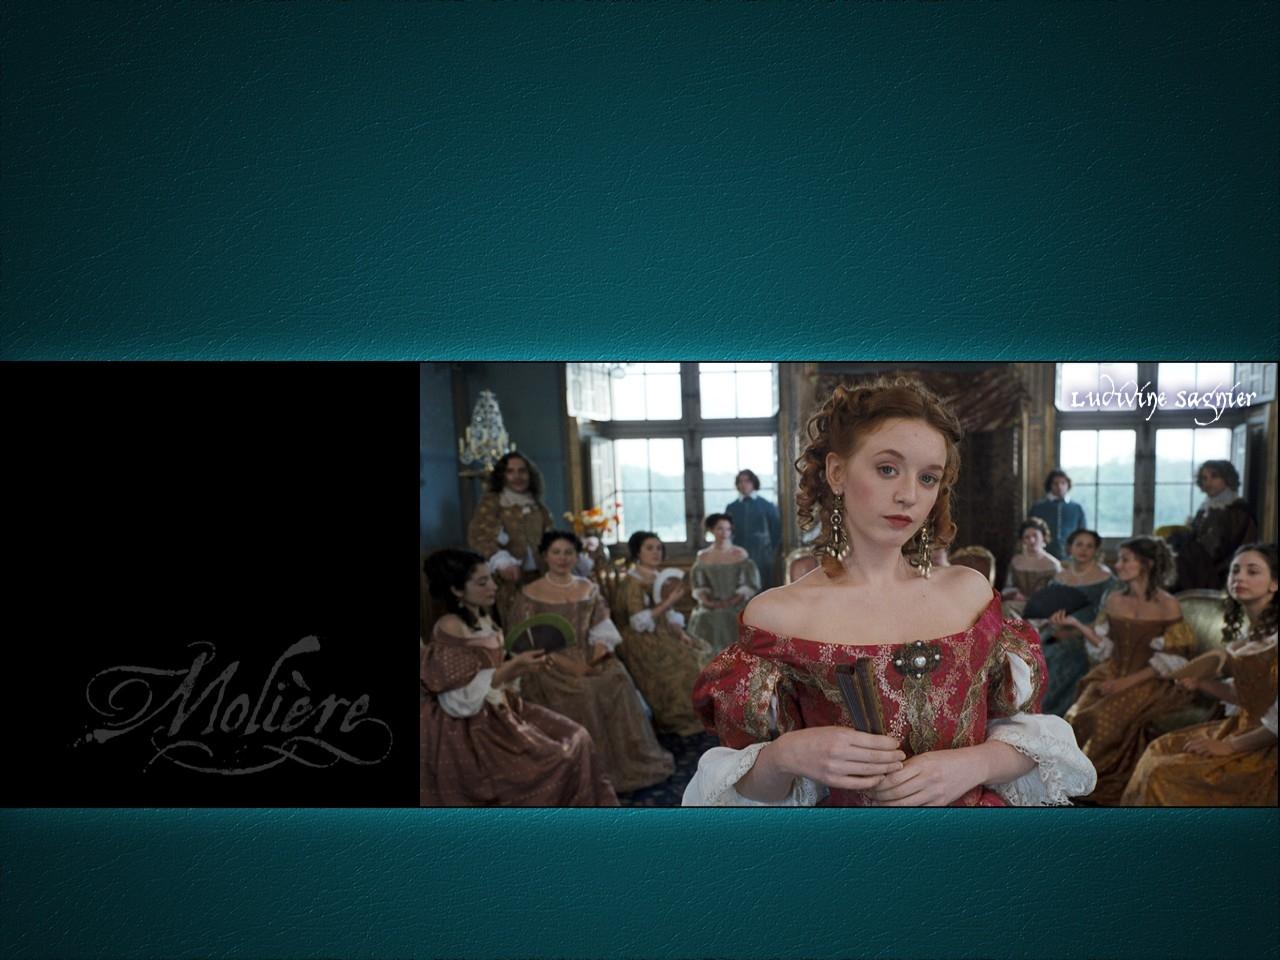 Wallpaper del film Le avventure galanti del giovane Molière, 2007